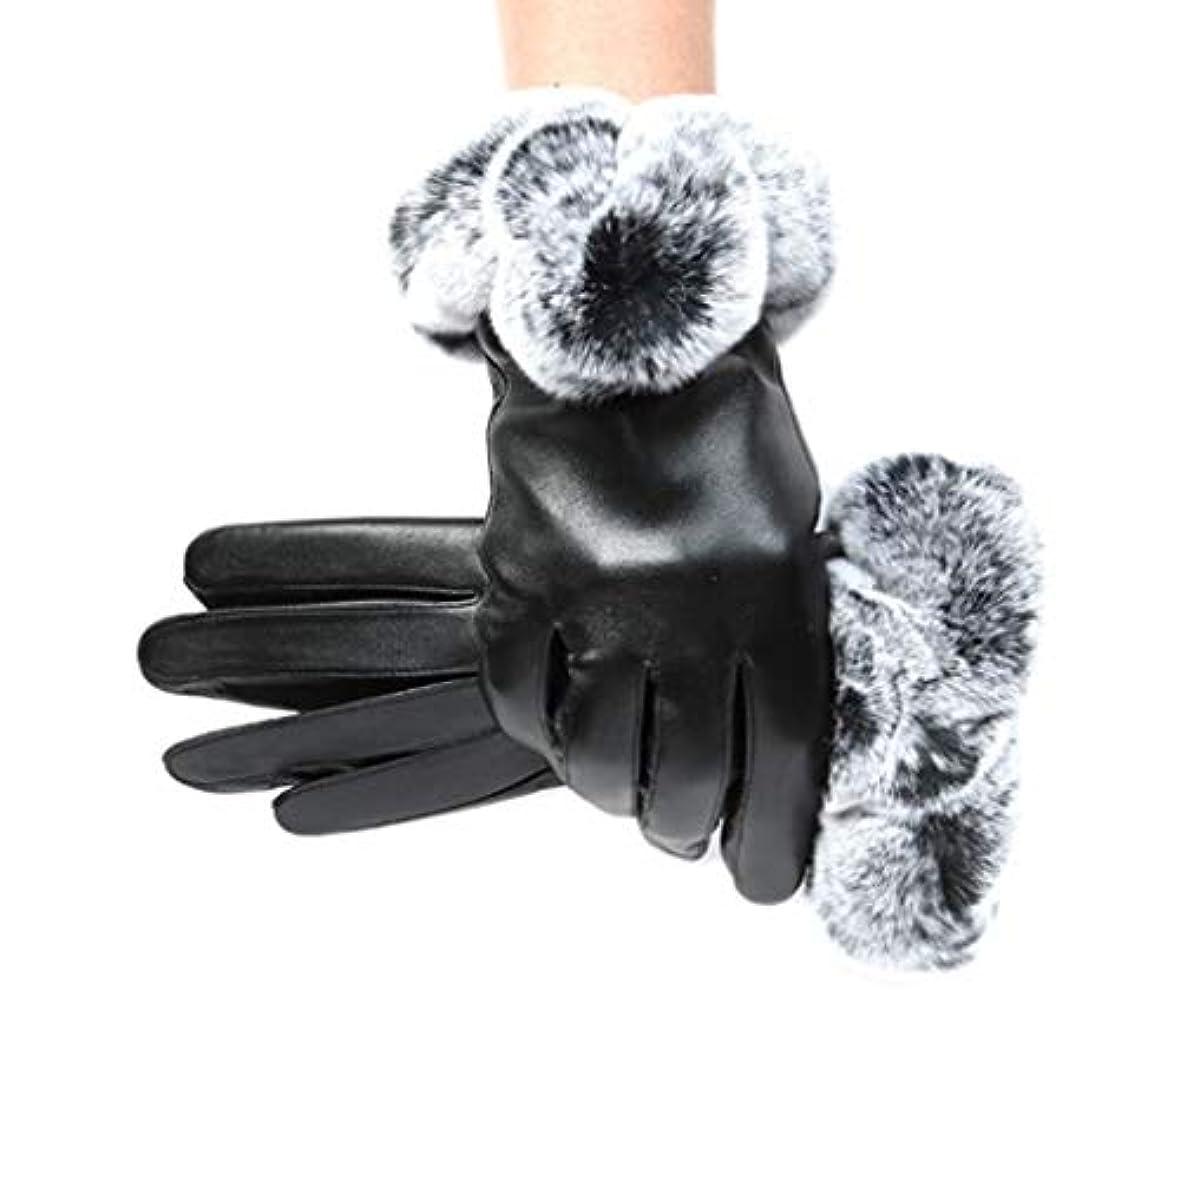 振る舞い見せます目に見えるレザーグローブ冬の暖かい手袋レディースアウトドアライディンググローブ防風コールドプラスベルベットのタッチスクリーングローブ女性モデル